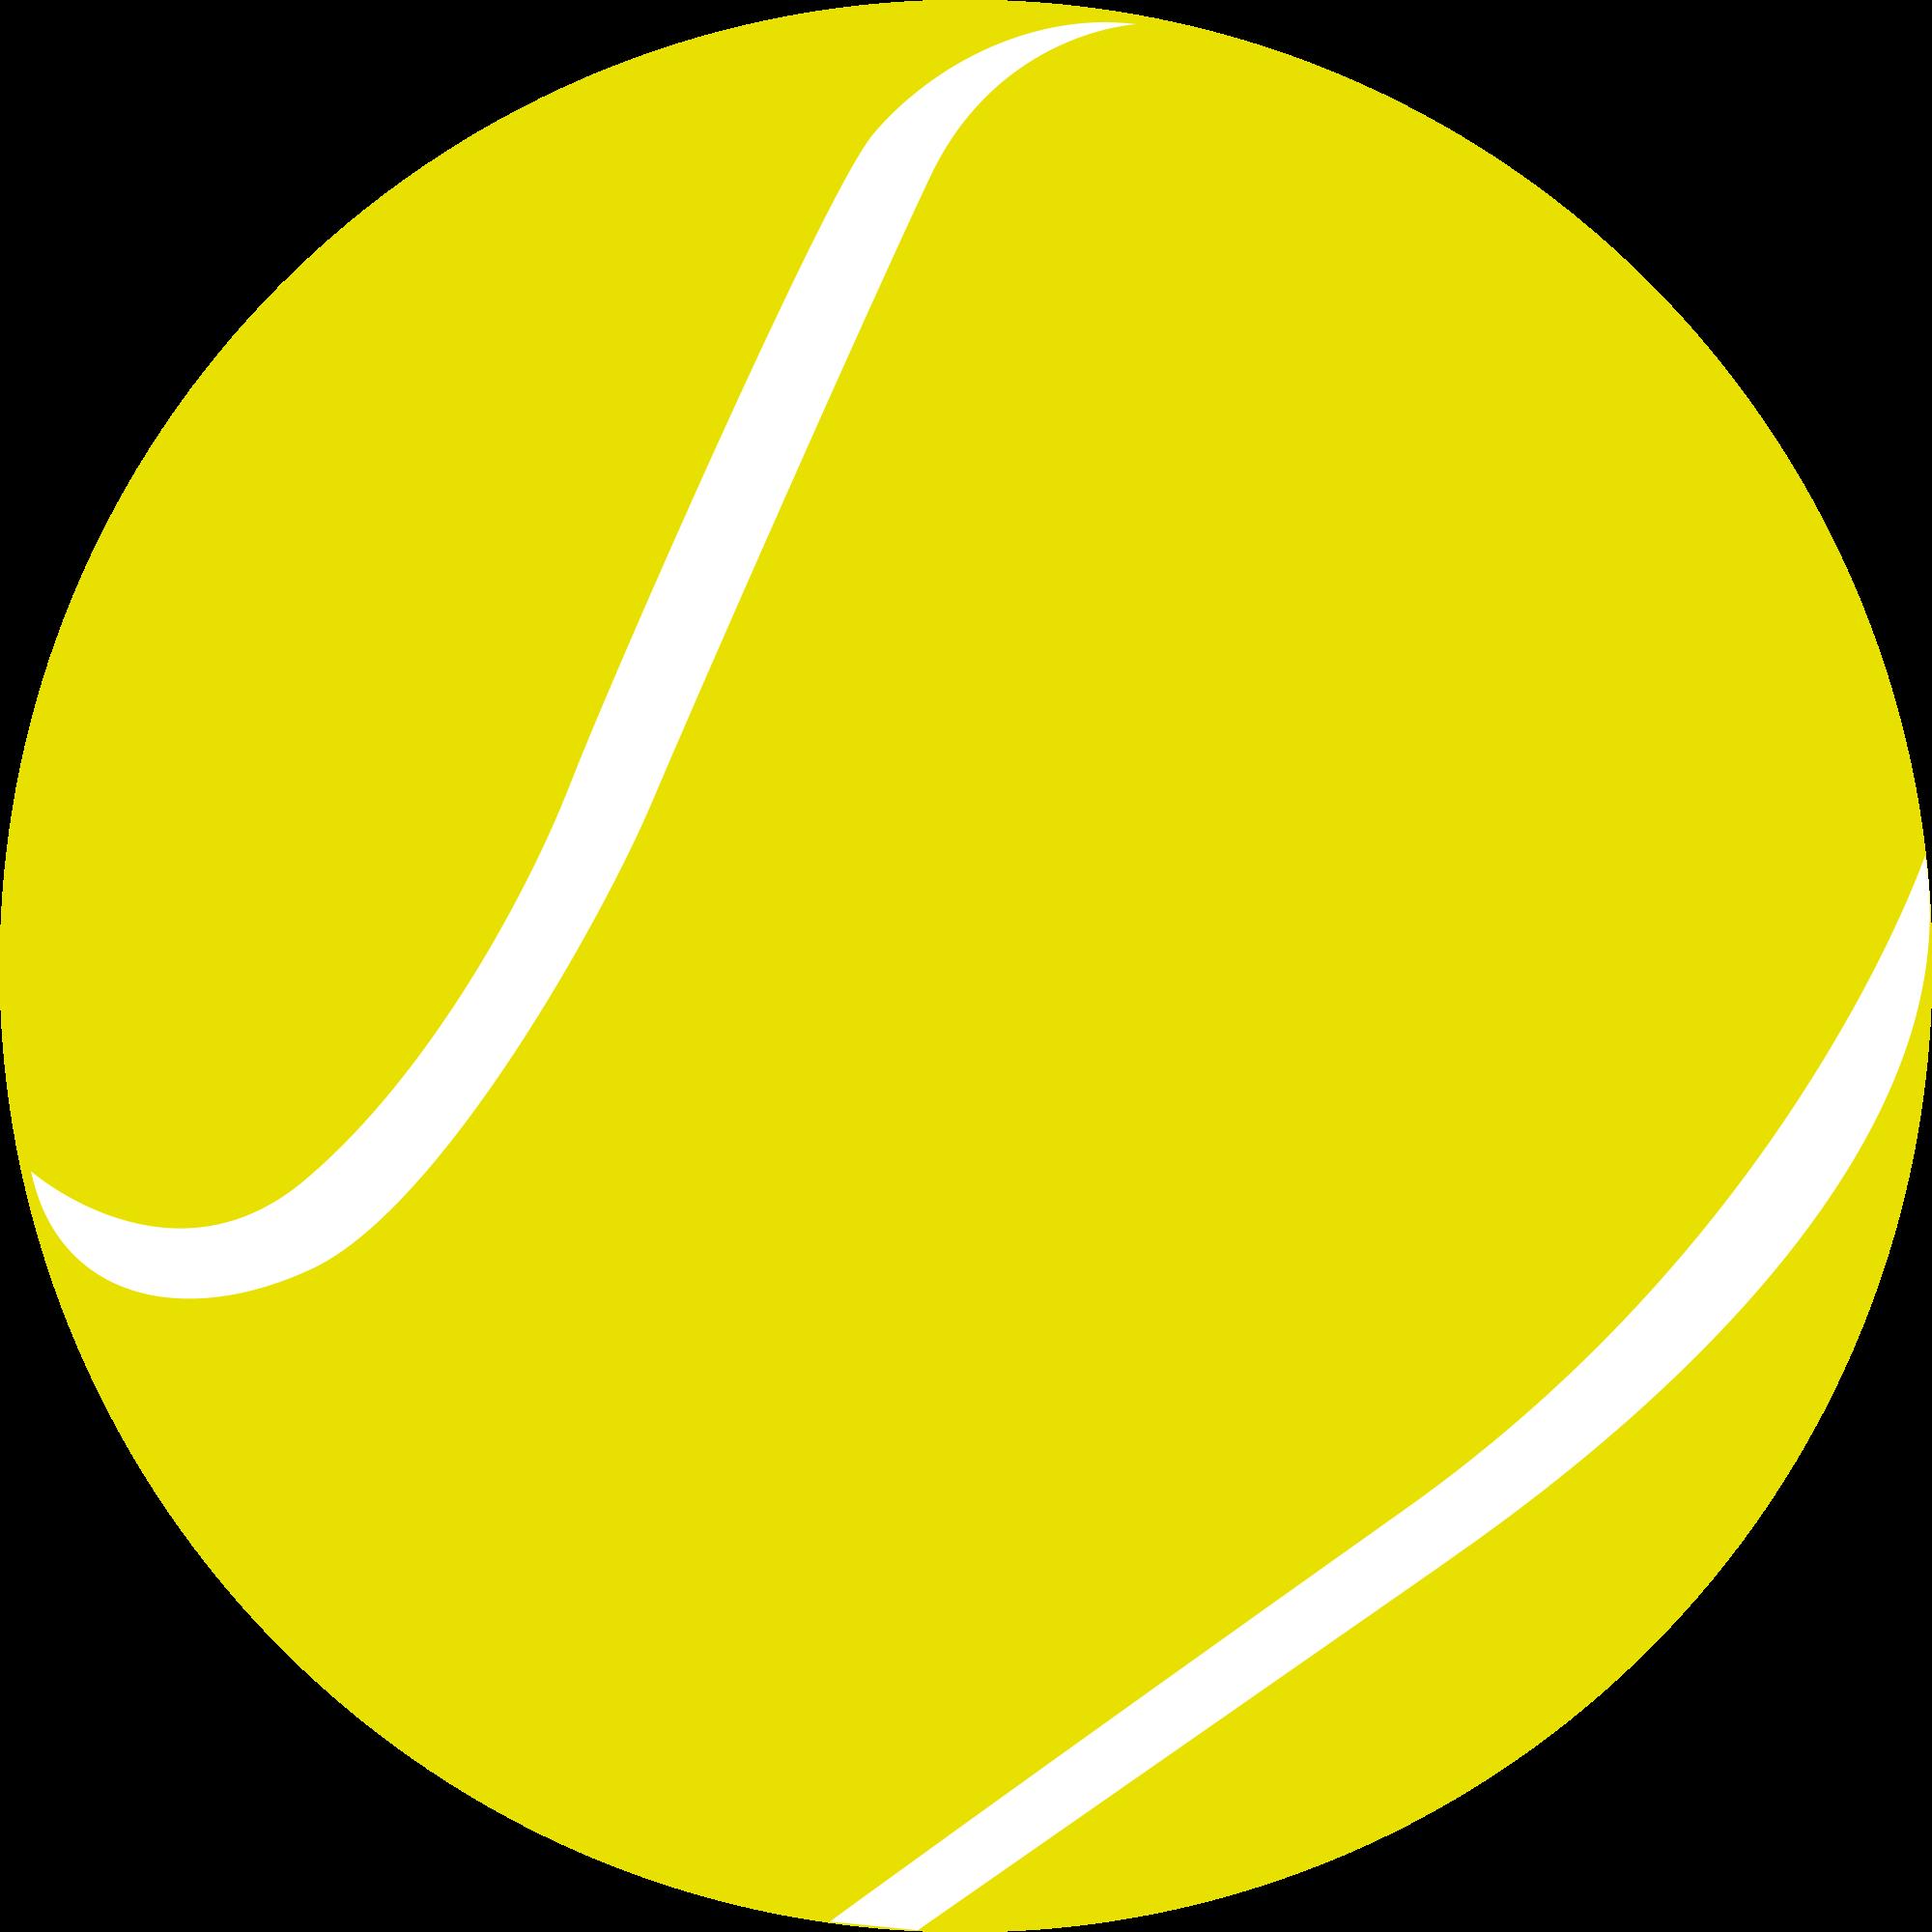 Tennis ball art